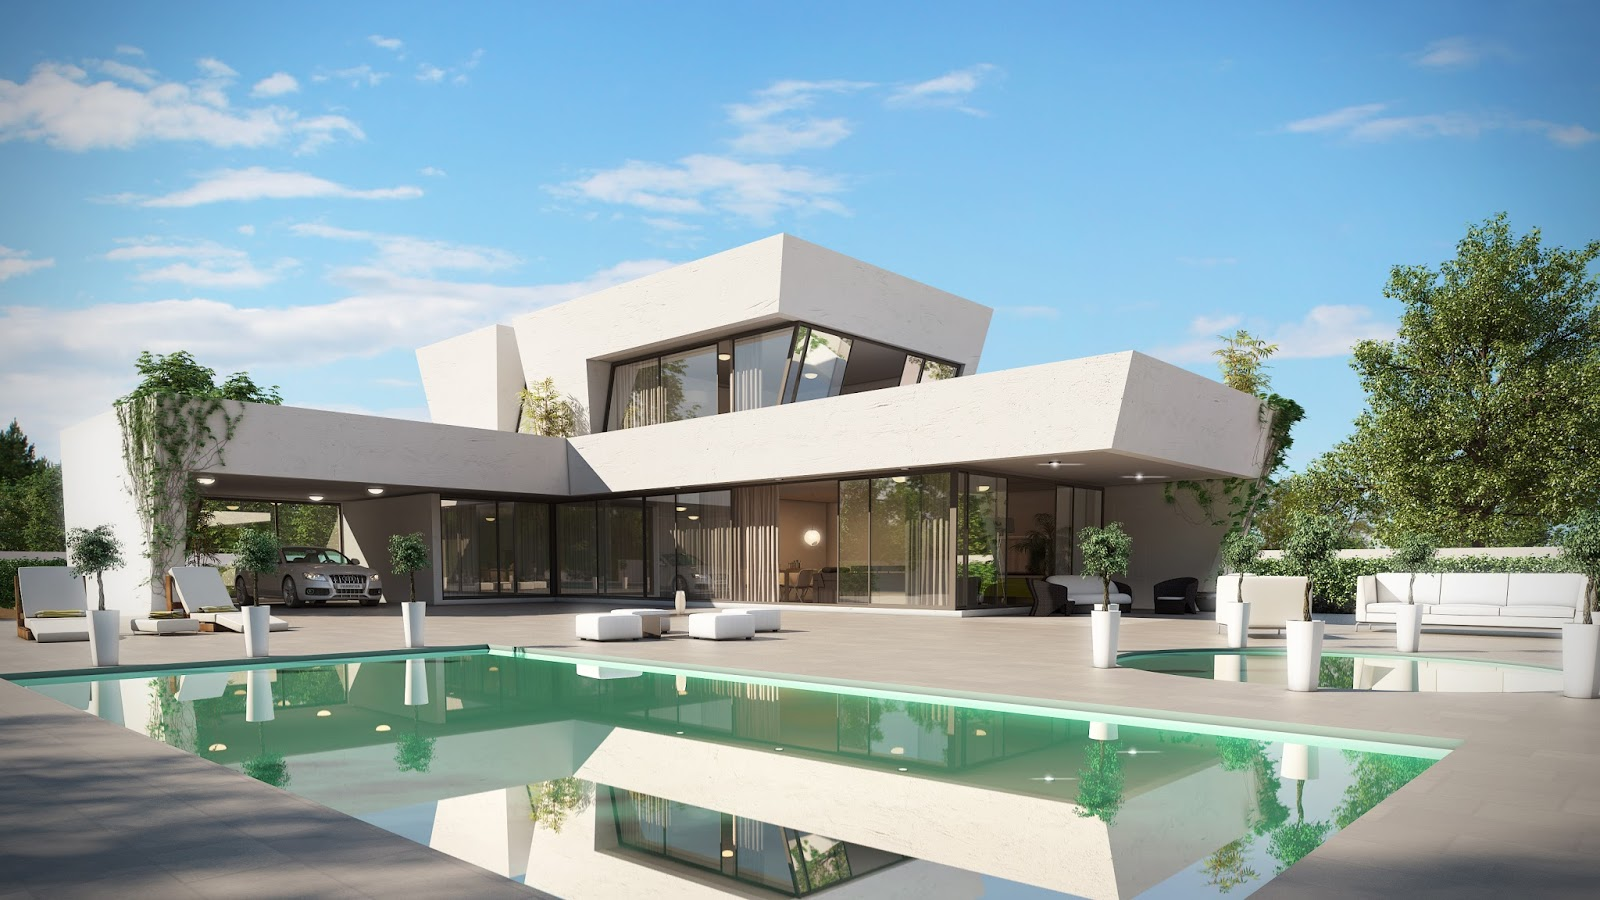 Adelante d dise o casas modernas casas ecoeficientes - Construccion de casas modernas ...